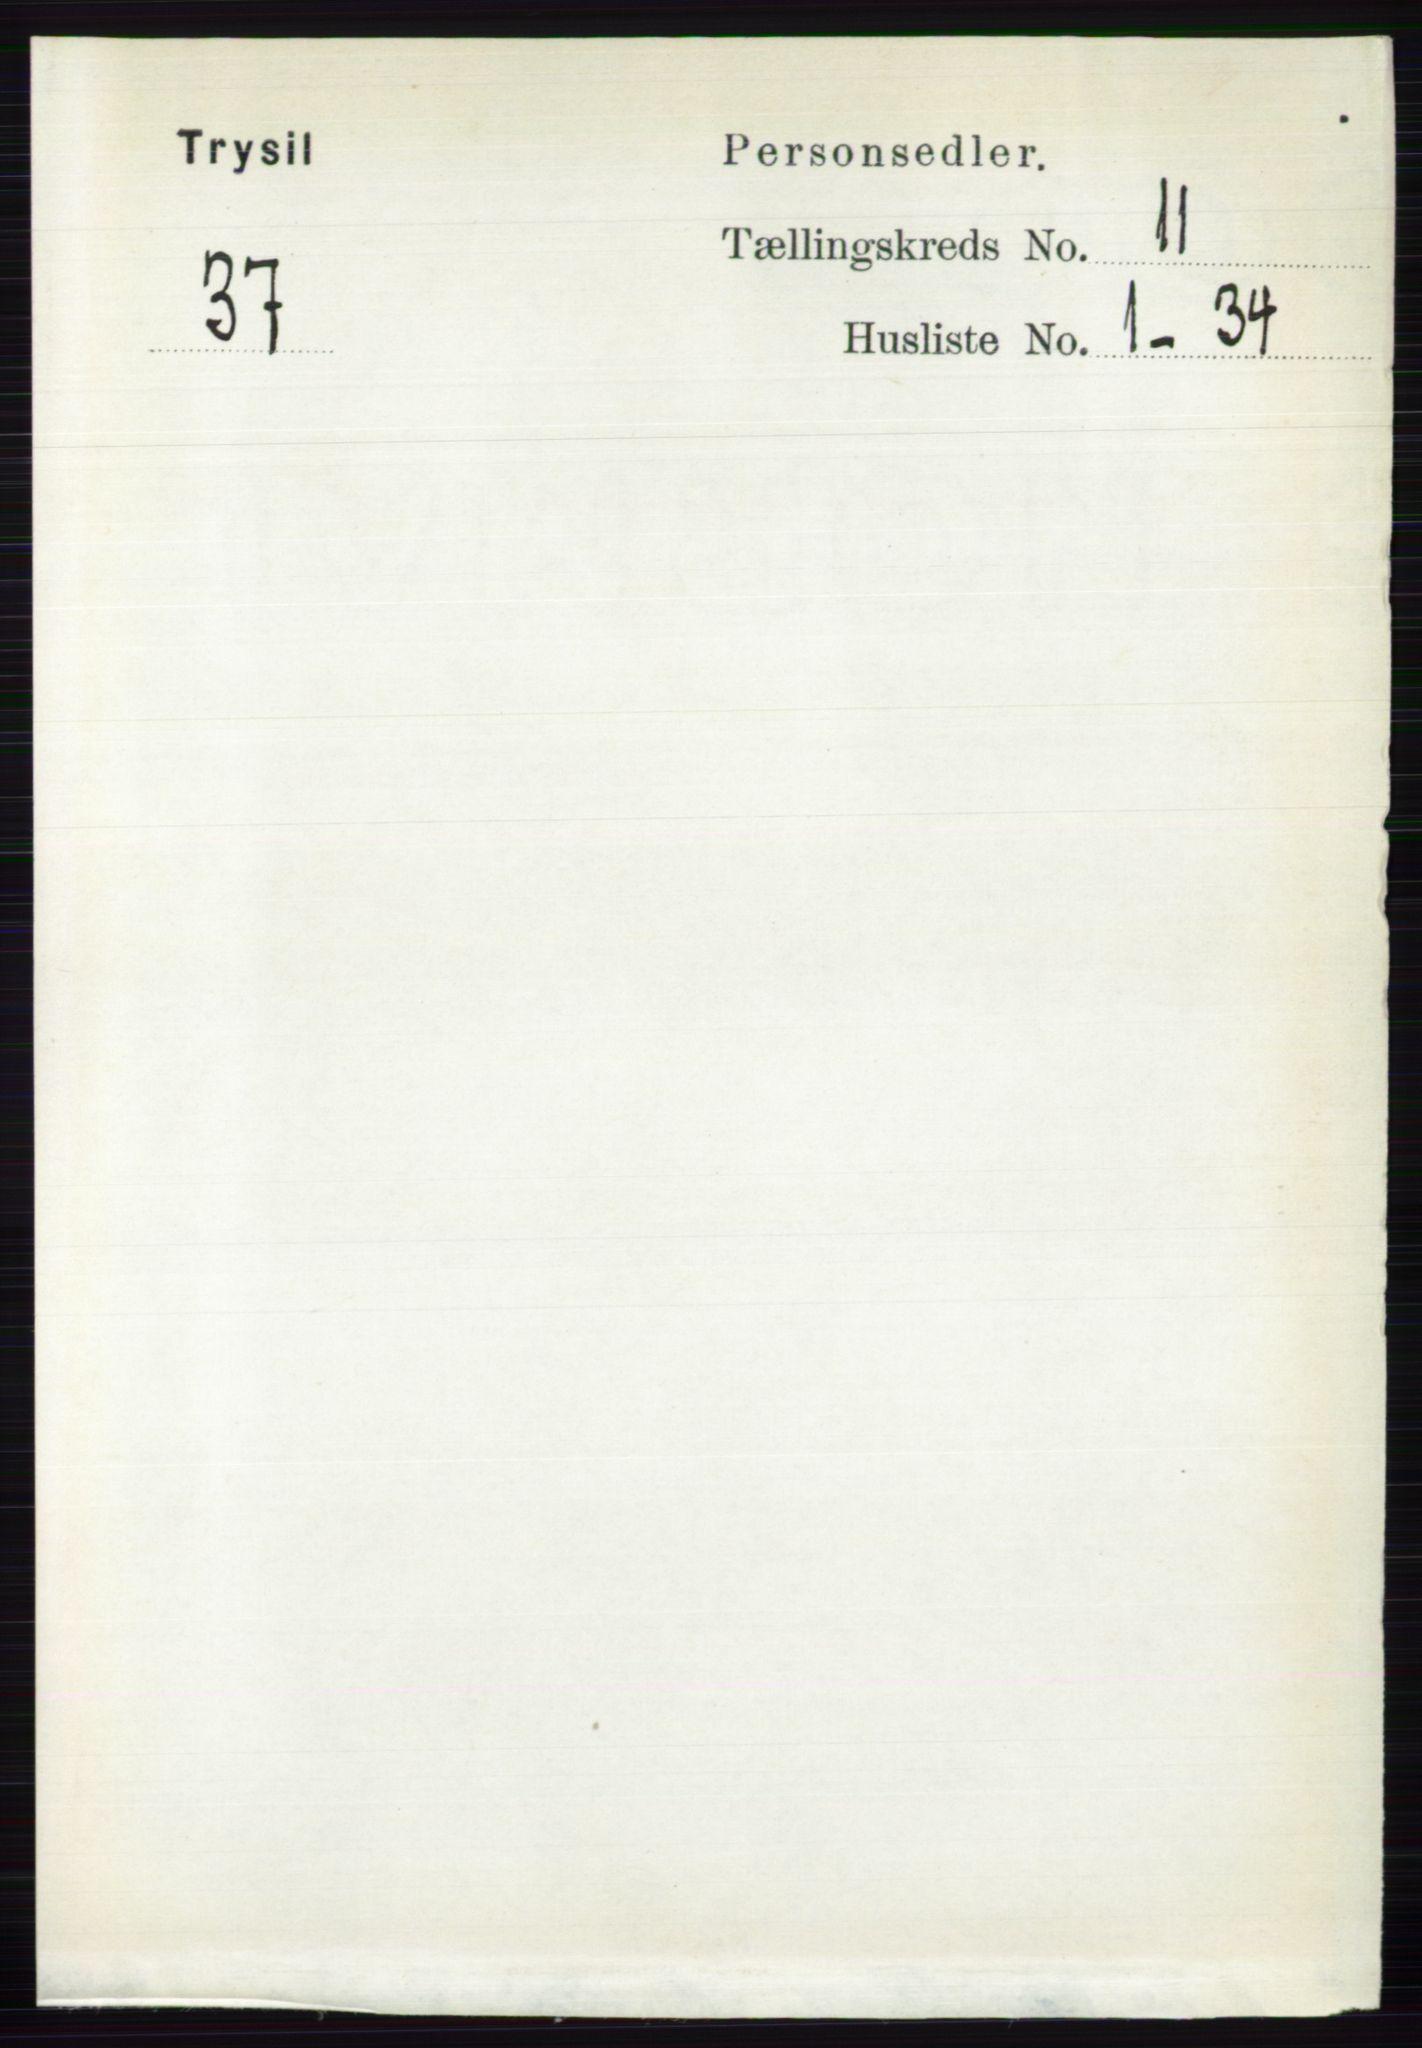 RA, Folketelling 1891 for 0428 Trysil herred, 1891, s. 5516